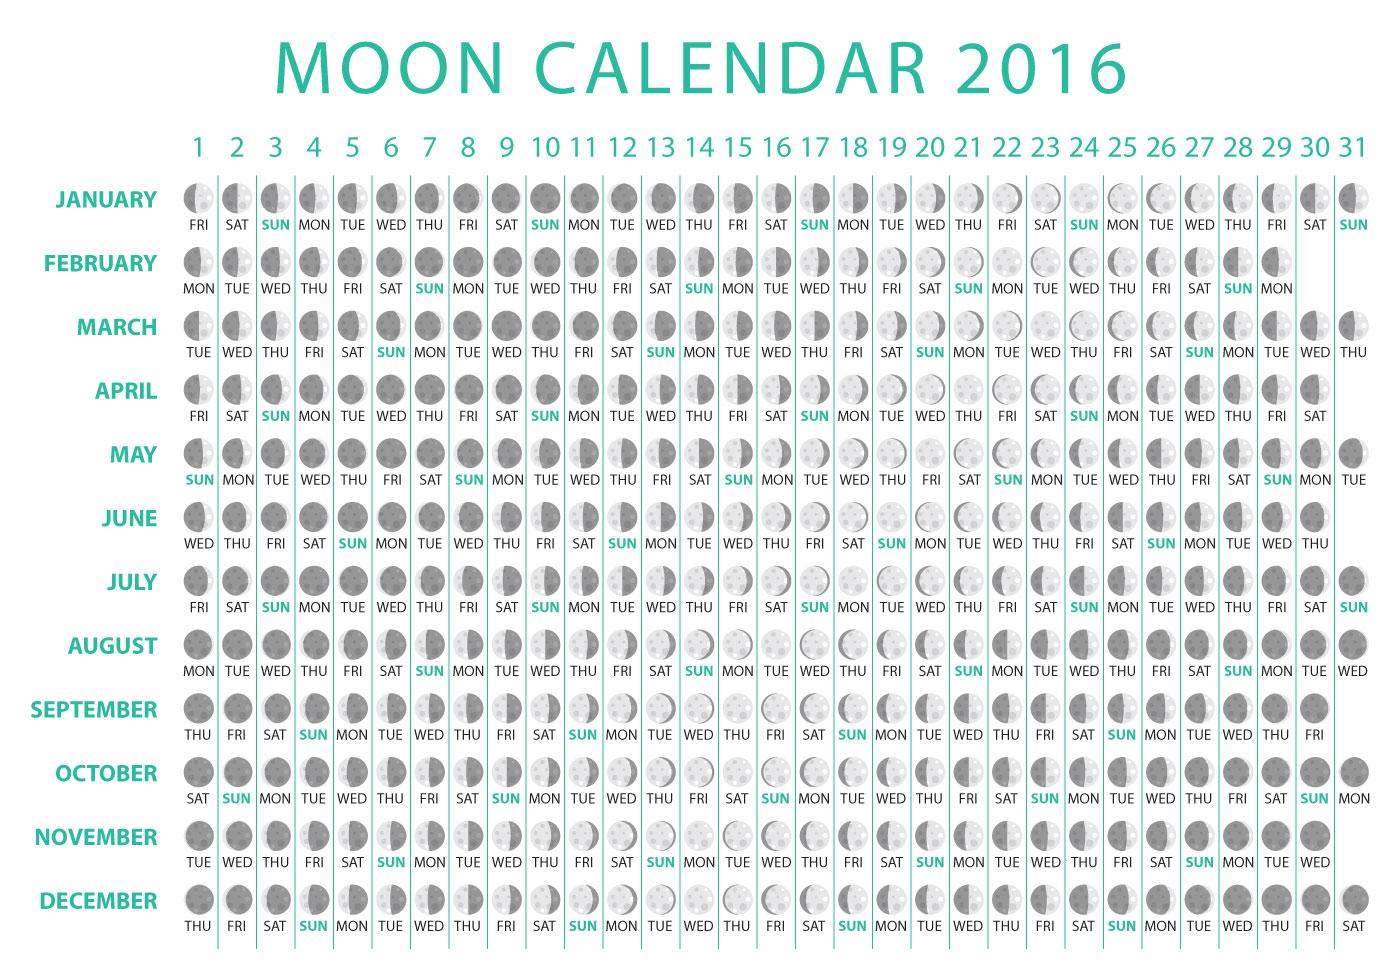 Moon Calendar 2016 Vector - Download Free Vector Art, Stock Graphics ...